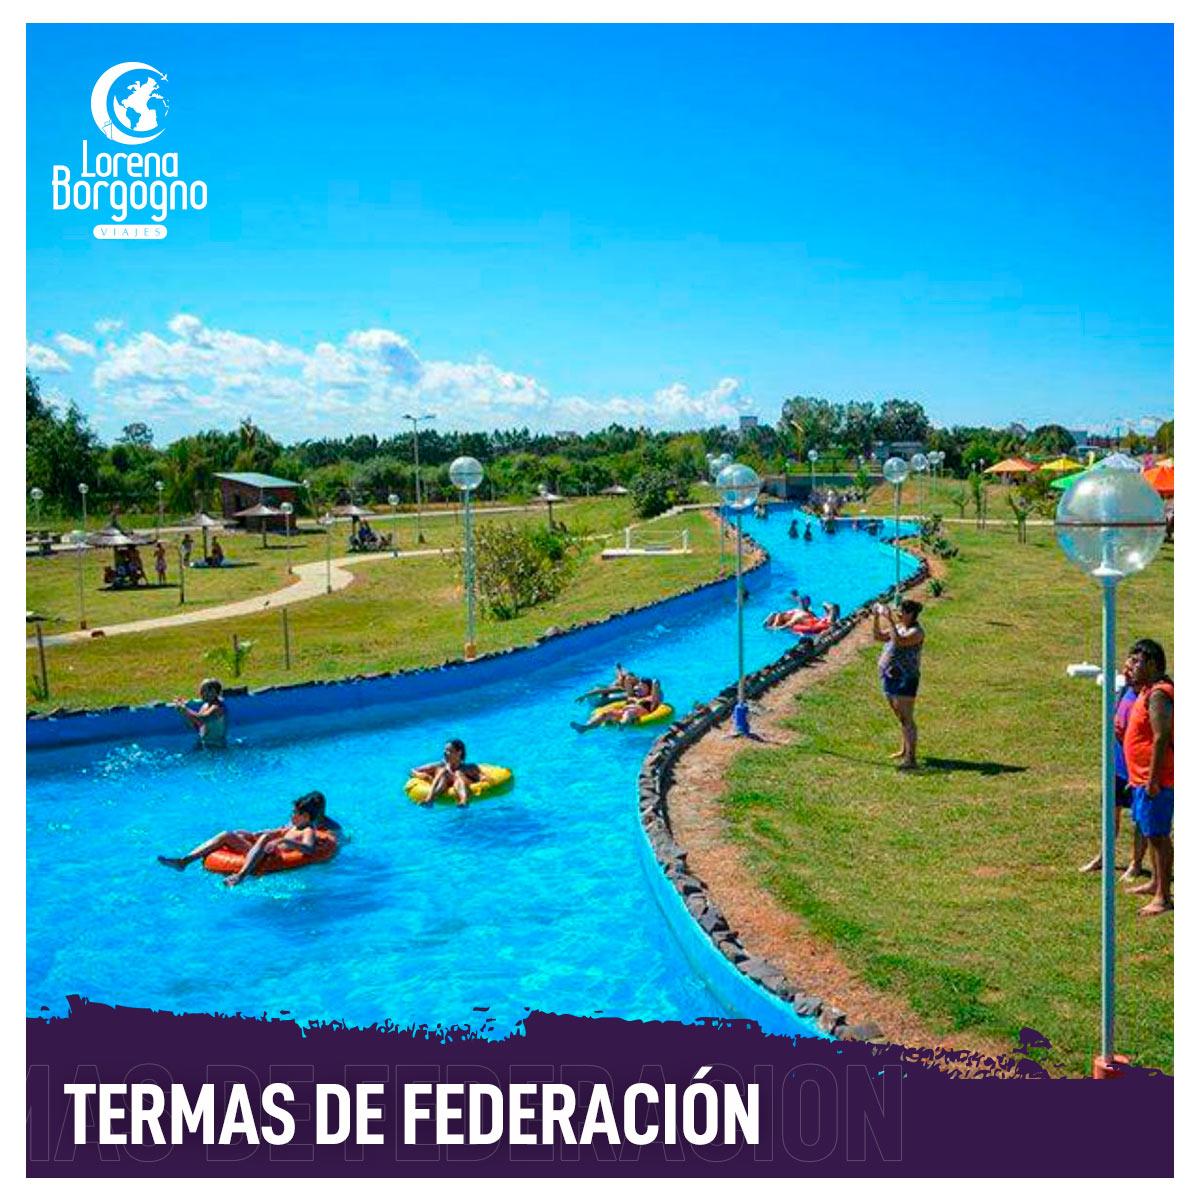 TERMAS DE FEDERACIÓN (IT)